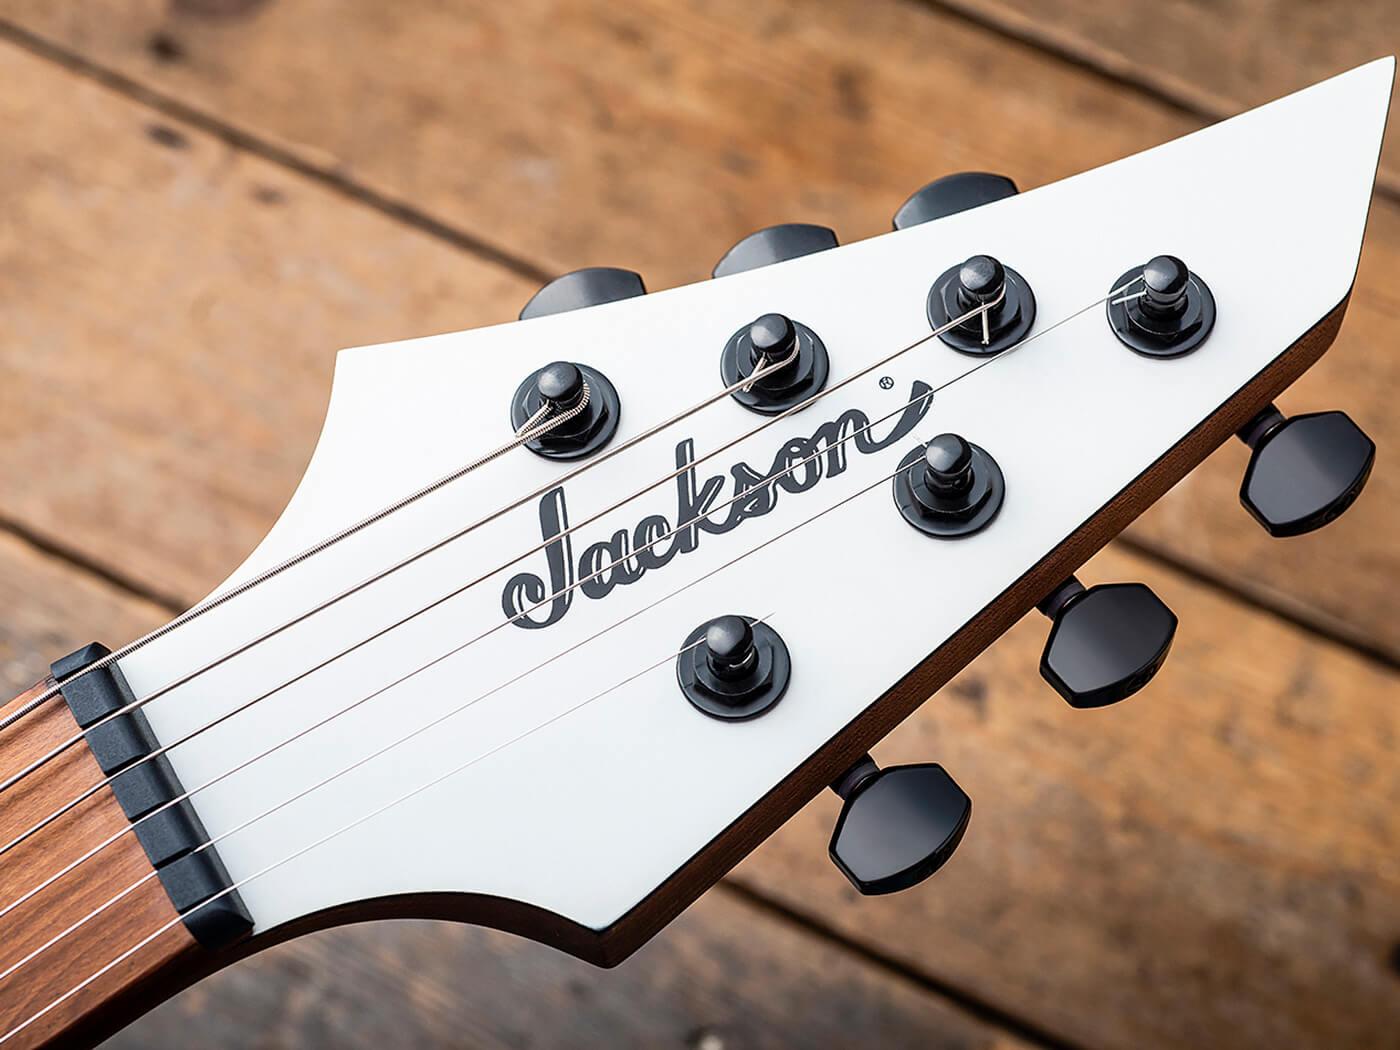 Jackson Pro Series Signature Misha Mansoor Juggernaut ET6